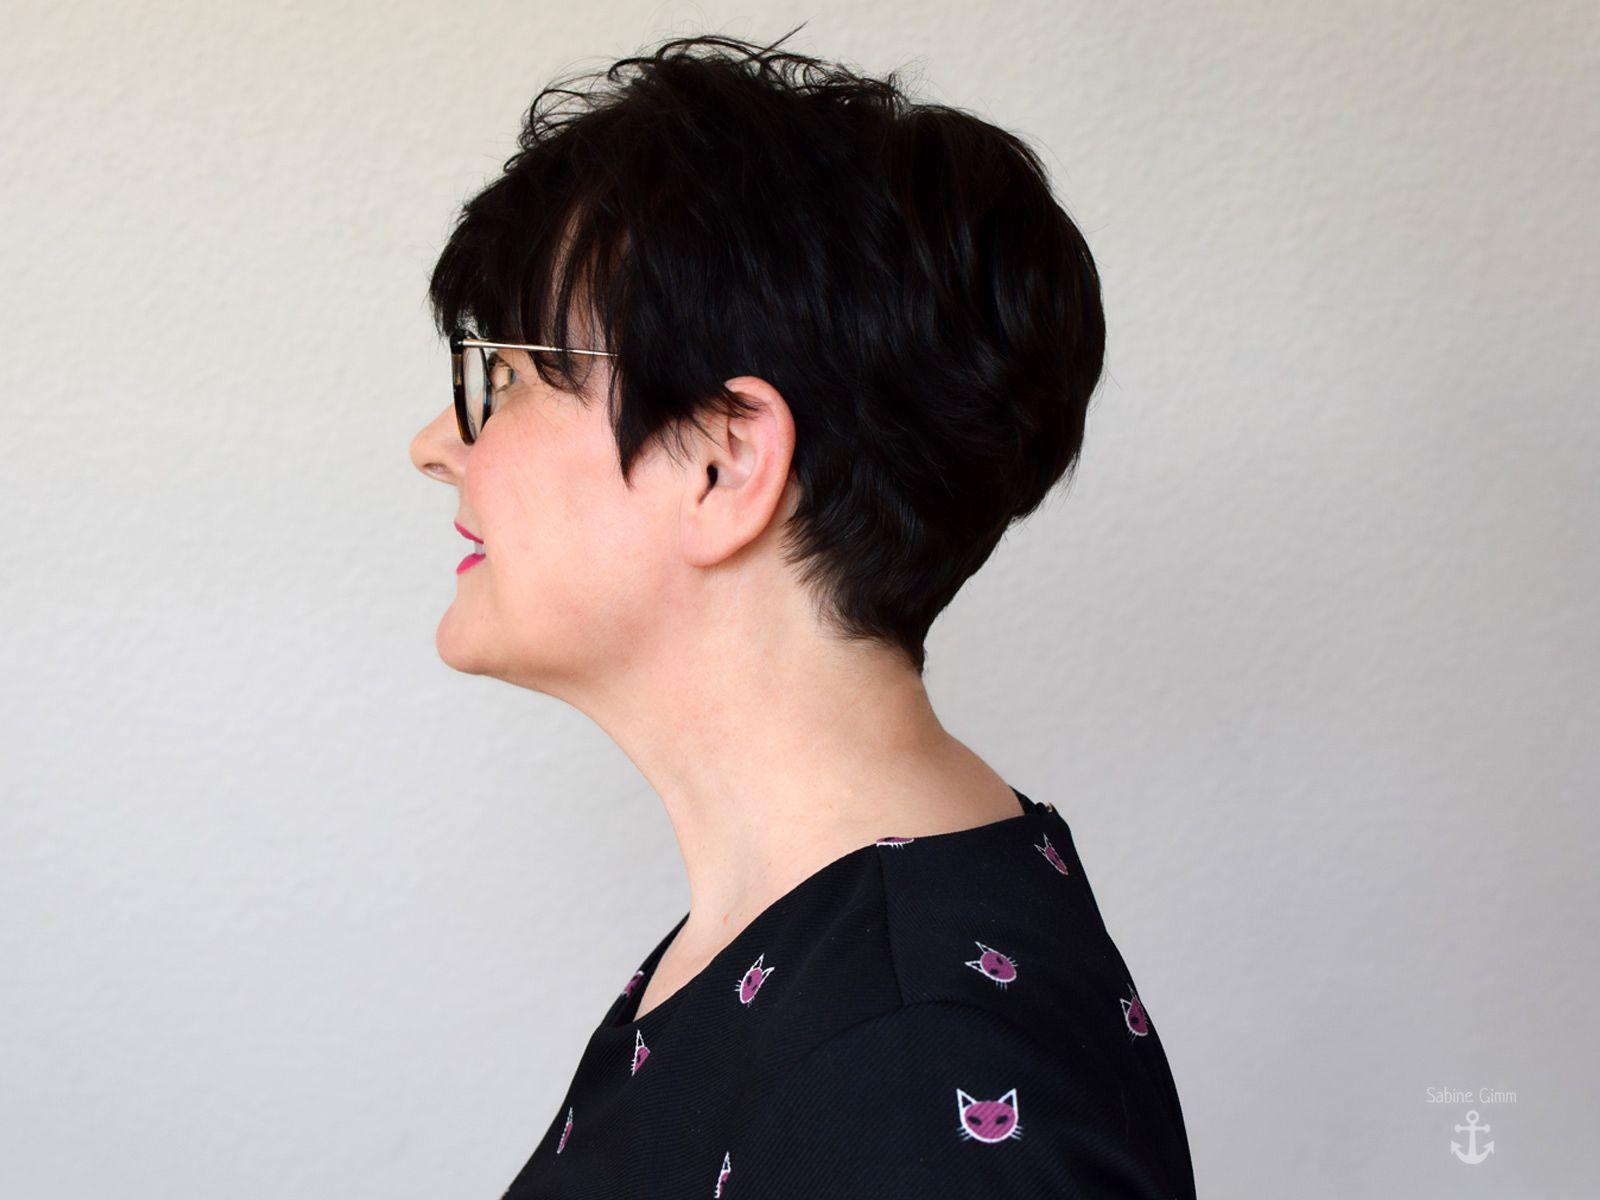 Die Frau über 12 braucht einen flotten Kurzhaarschnitt – Sabine Gimm